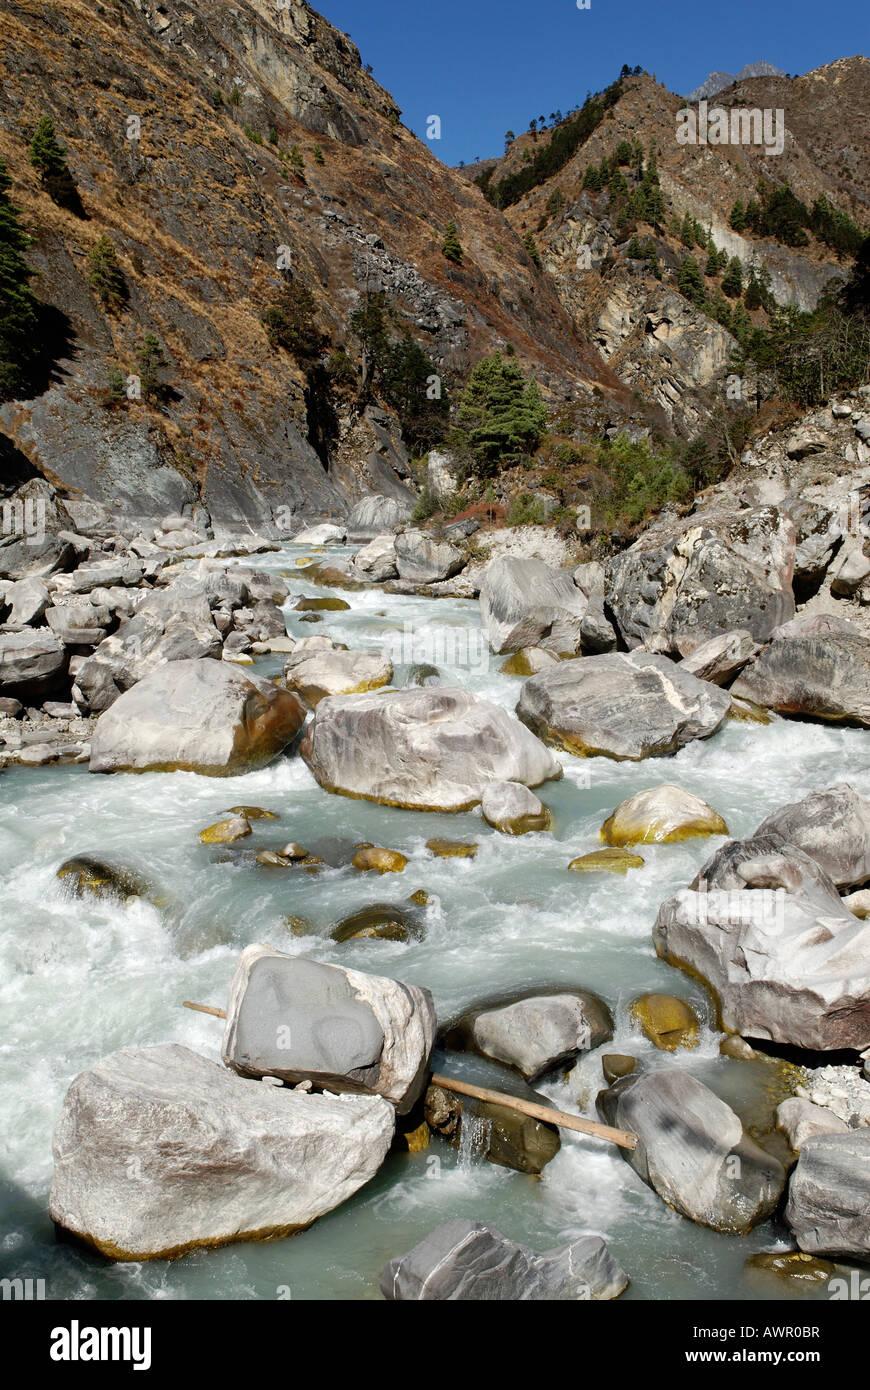 Dudh Koshi river, Sagarmatha National Park, Khumbu, Nepal - Stock Image